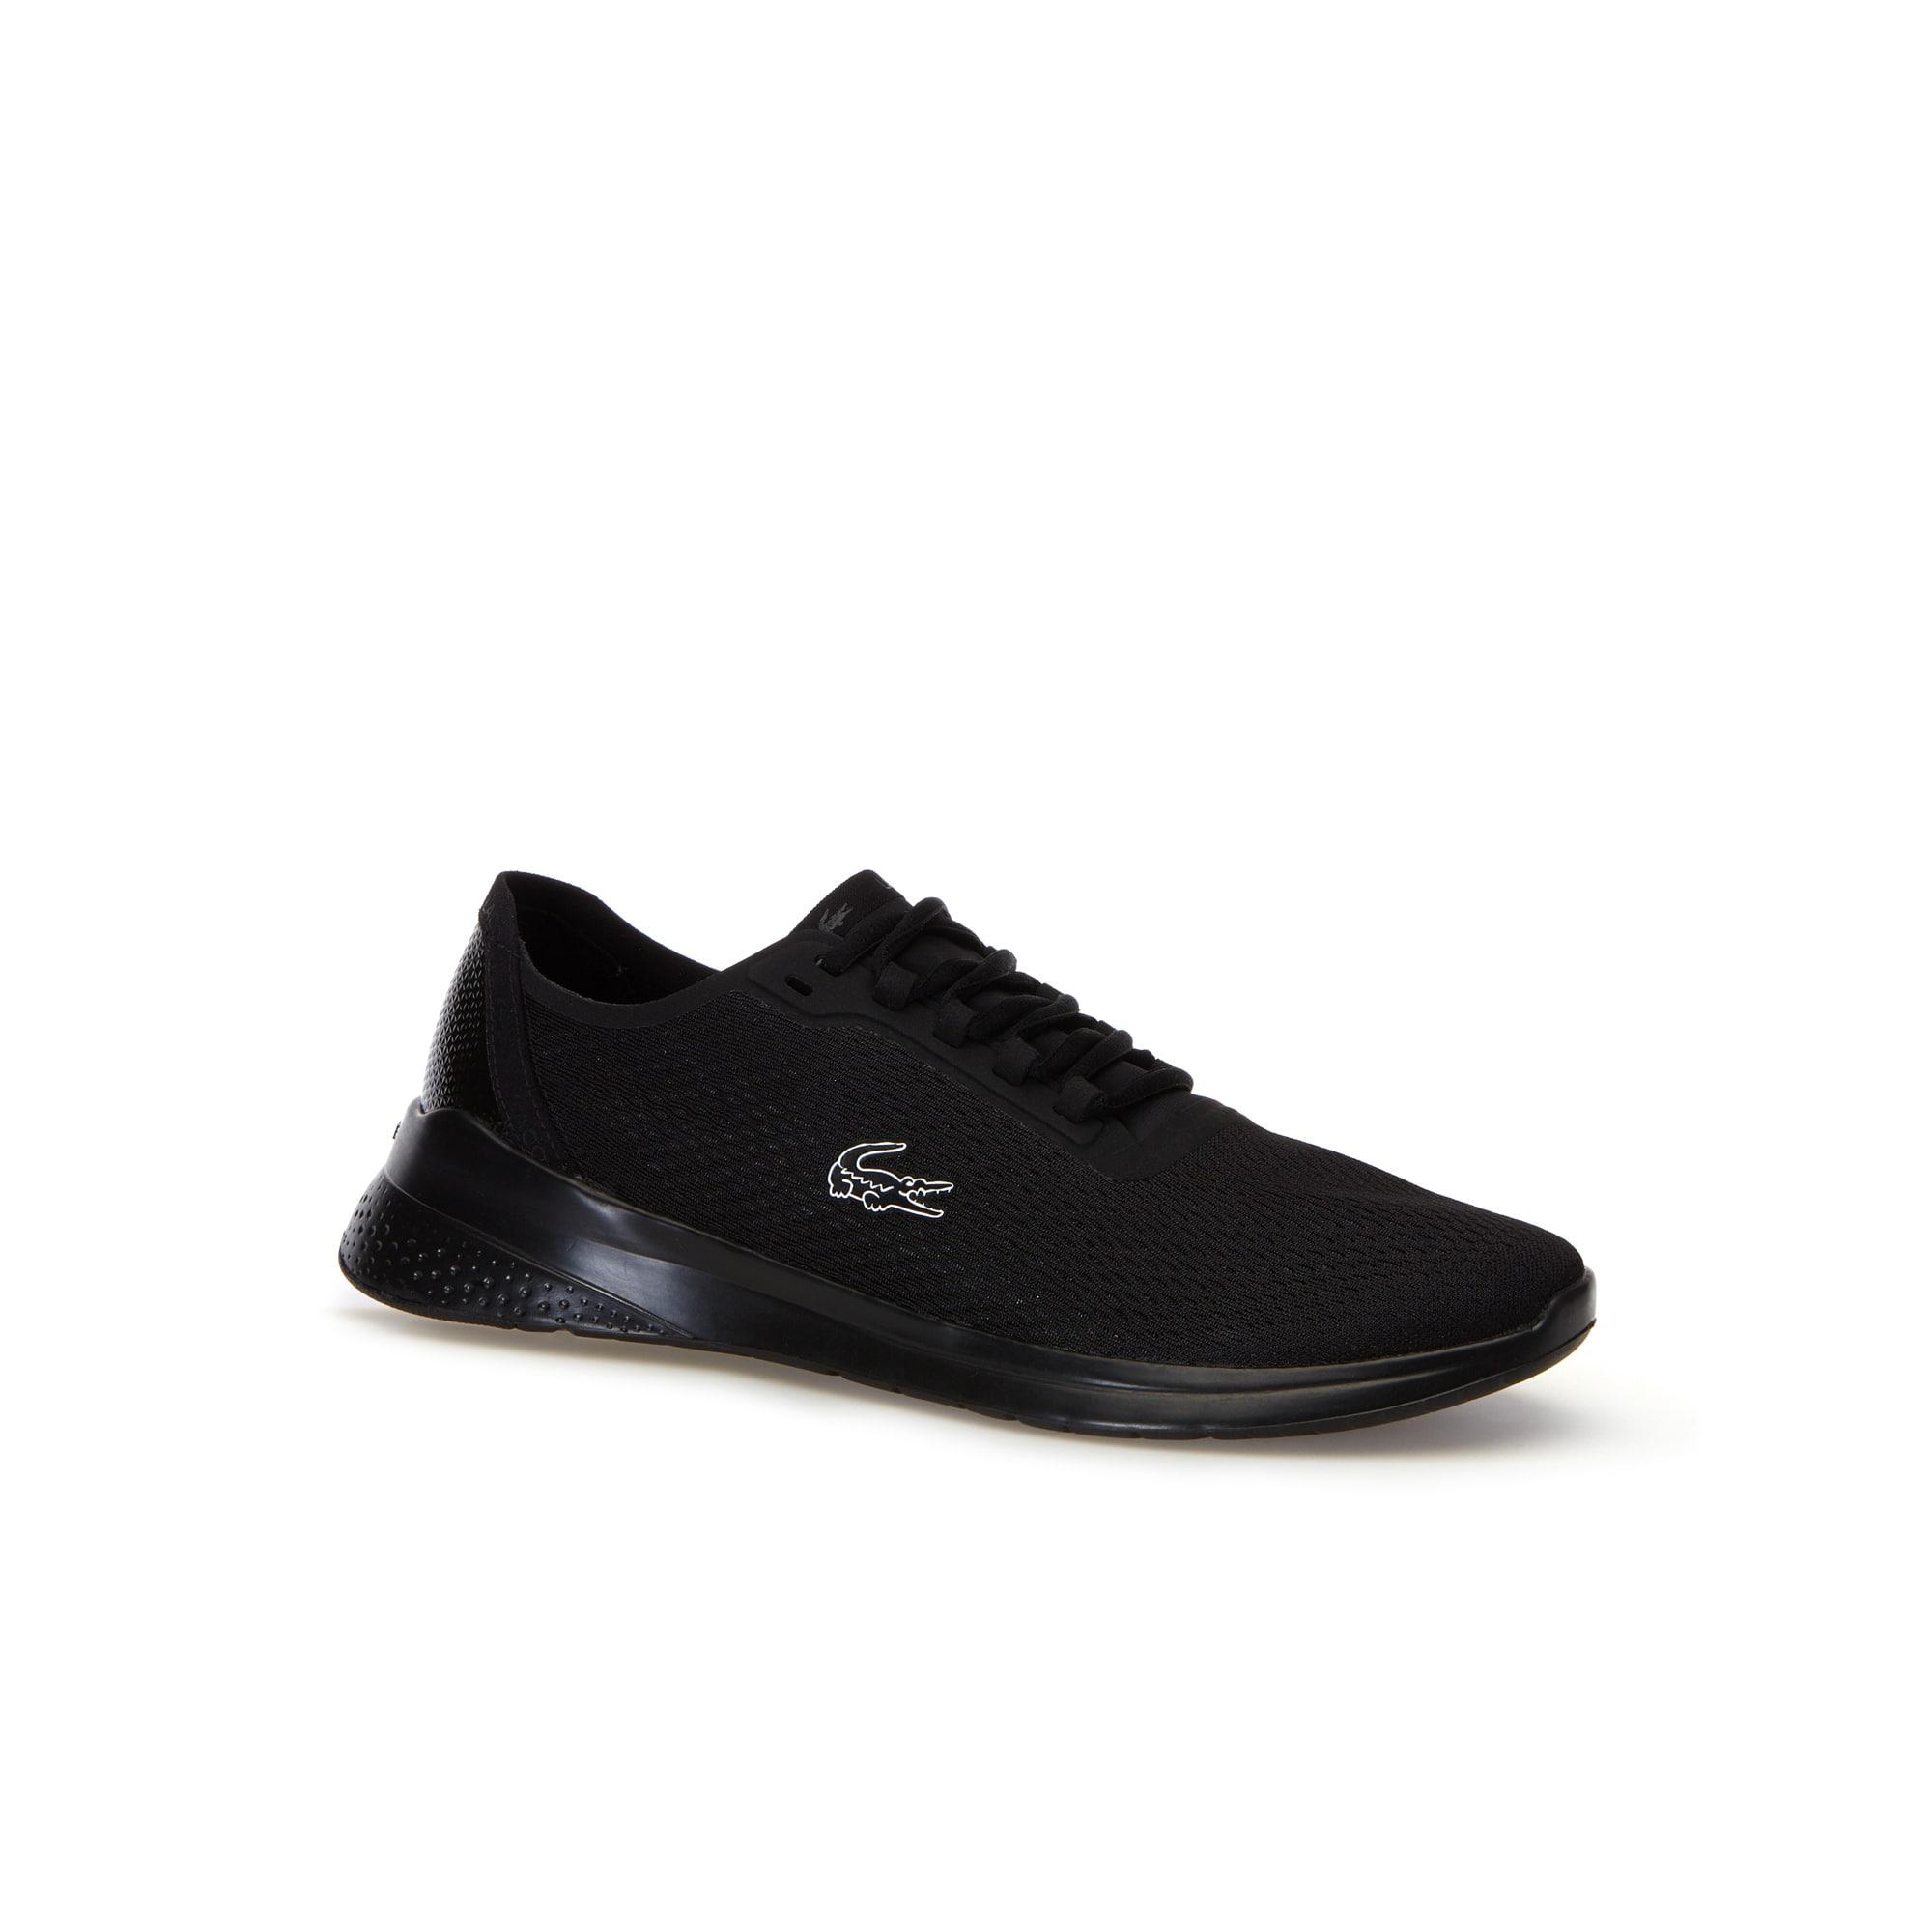 3d060874c9bbb Zapatillas de hombre LT Fit SPORT de malla con efecto metálico ...